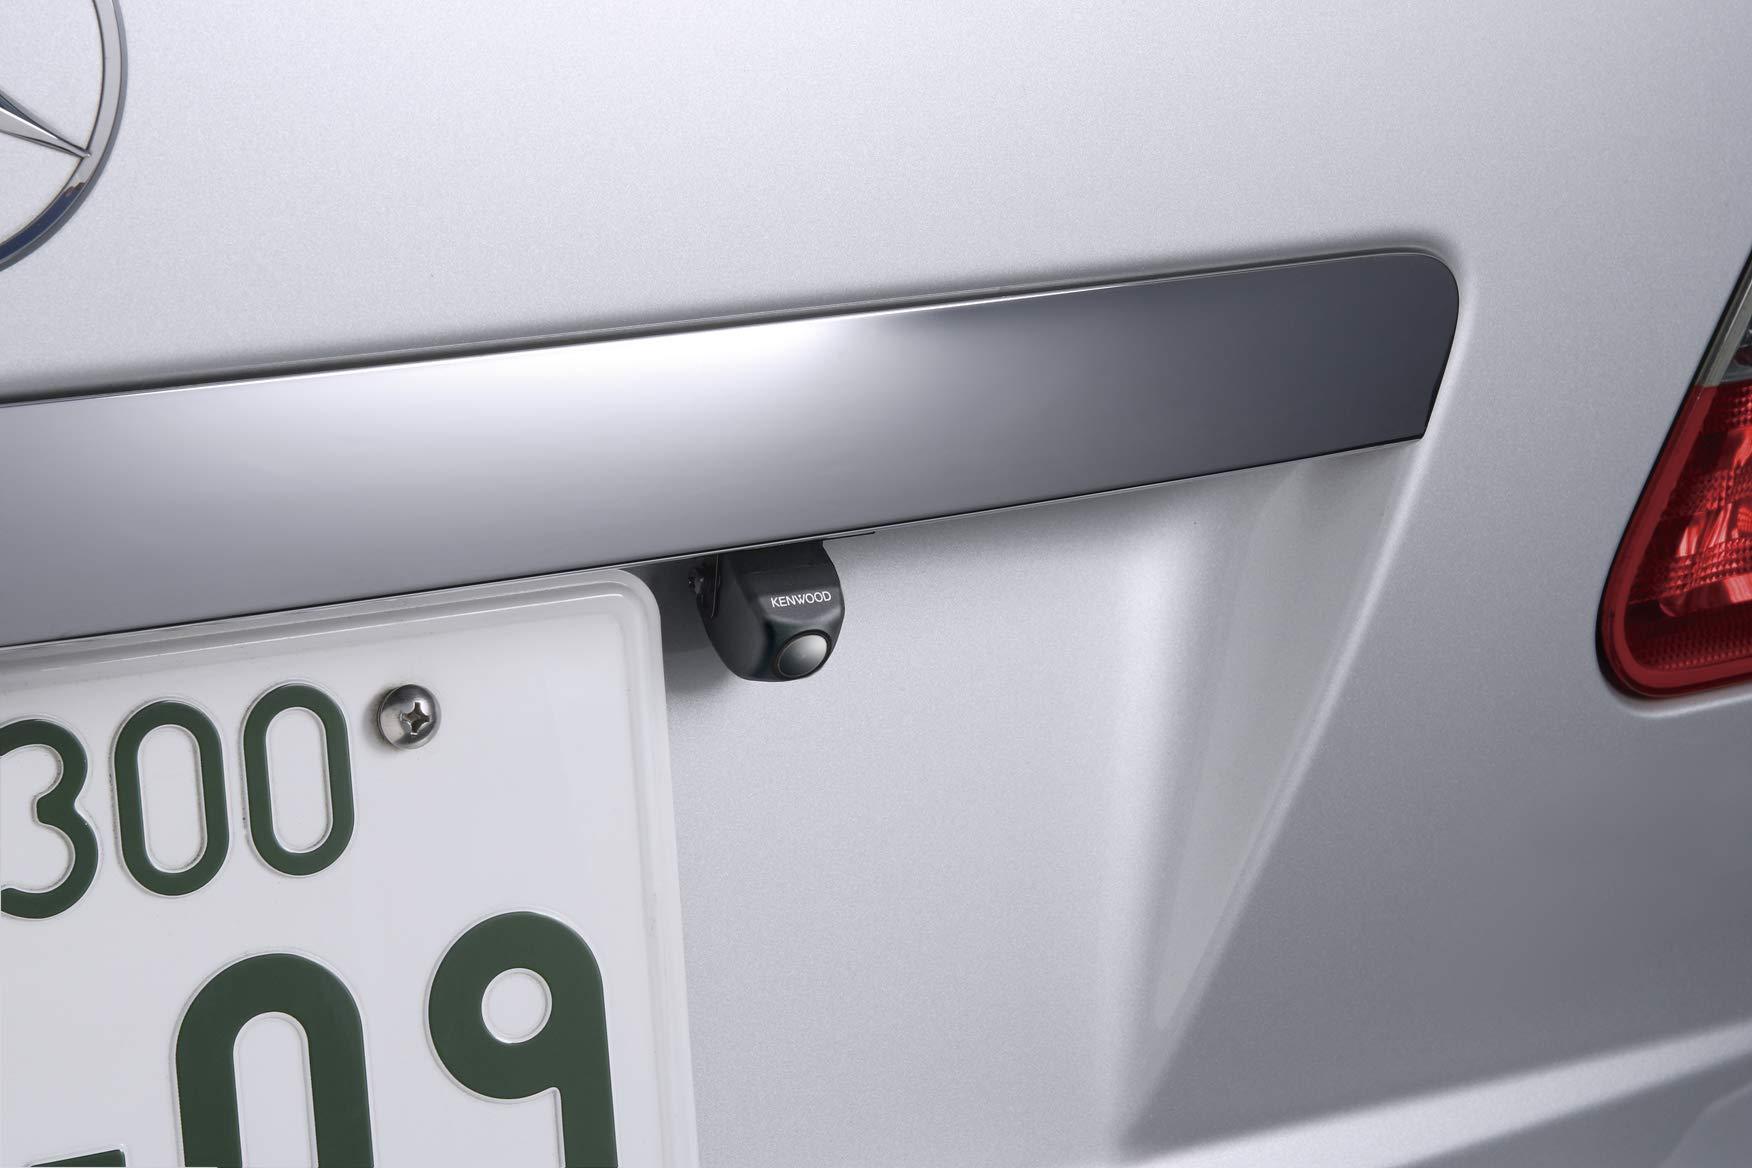 Kenwood-CMOS-320-universelle-Multiview-Kamera-CMOS-Sensor-fr-Front-und-Heckeinbau-schwarz